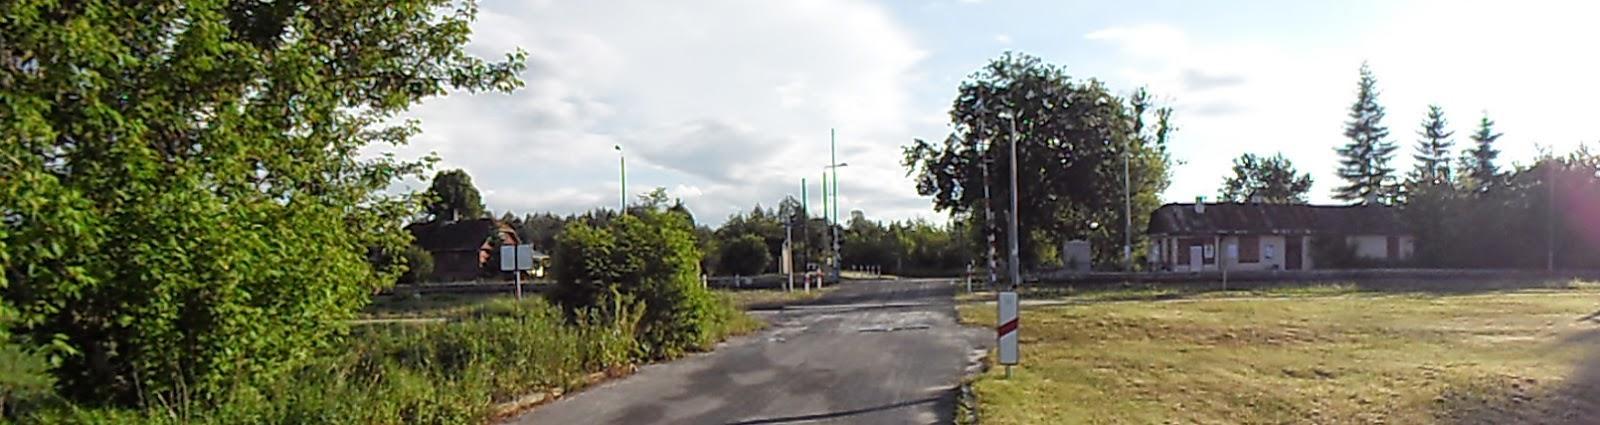 Dworzec kolejowy w Zwierzyńcu na Roztoczu i jego otoczenie